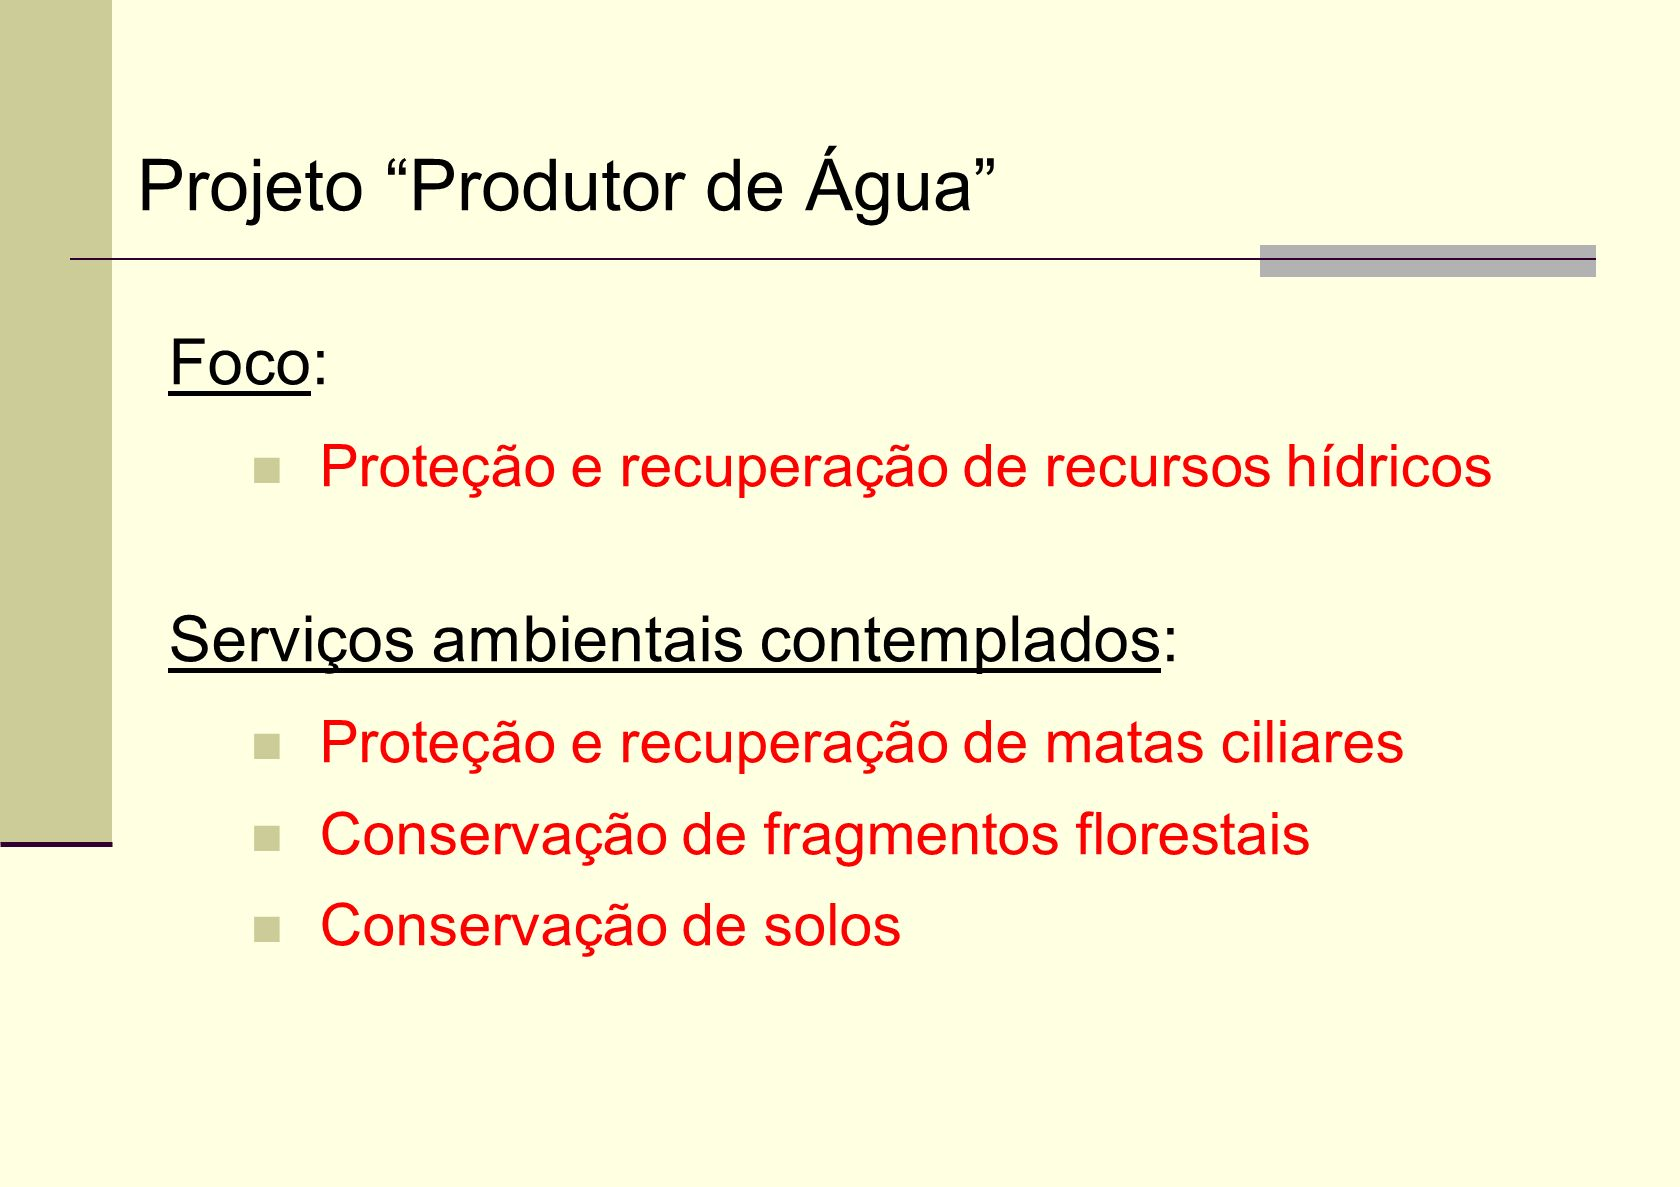 Recursos para custeio: GEF / Banco Mundial Recursos para PSA: Comitê PCJ (federal) Fase atual: 2 chamadas concluídas (edital de junho de 2009) Previsão para primeiras contratações: Novembro/09 Projeto Produtor de Água